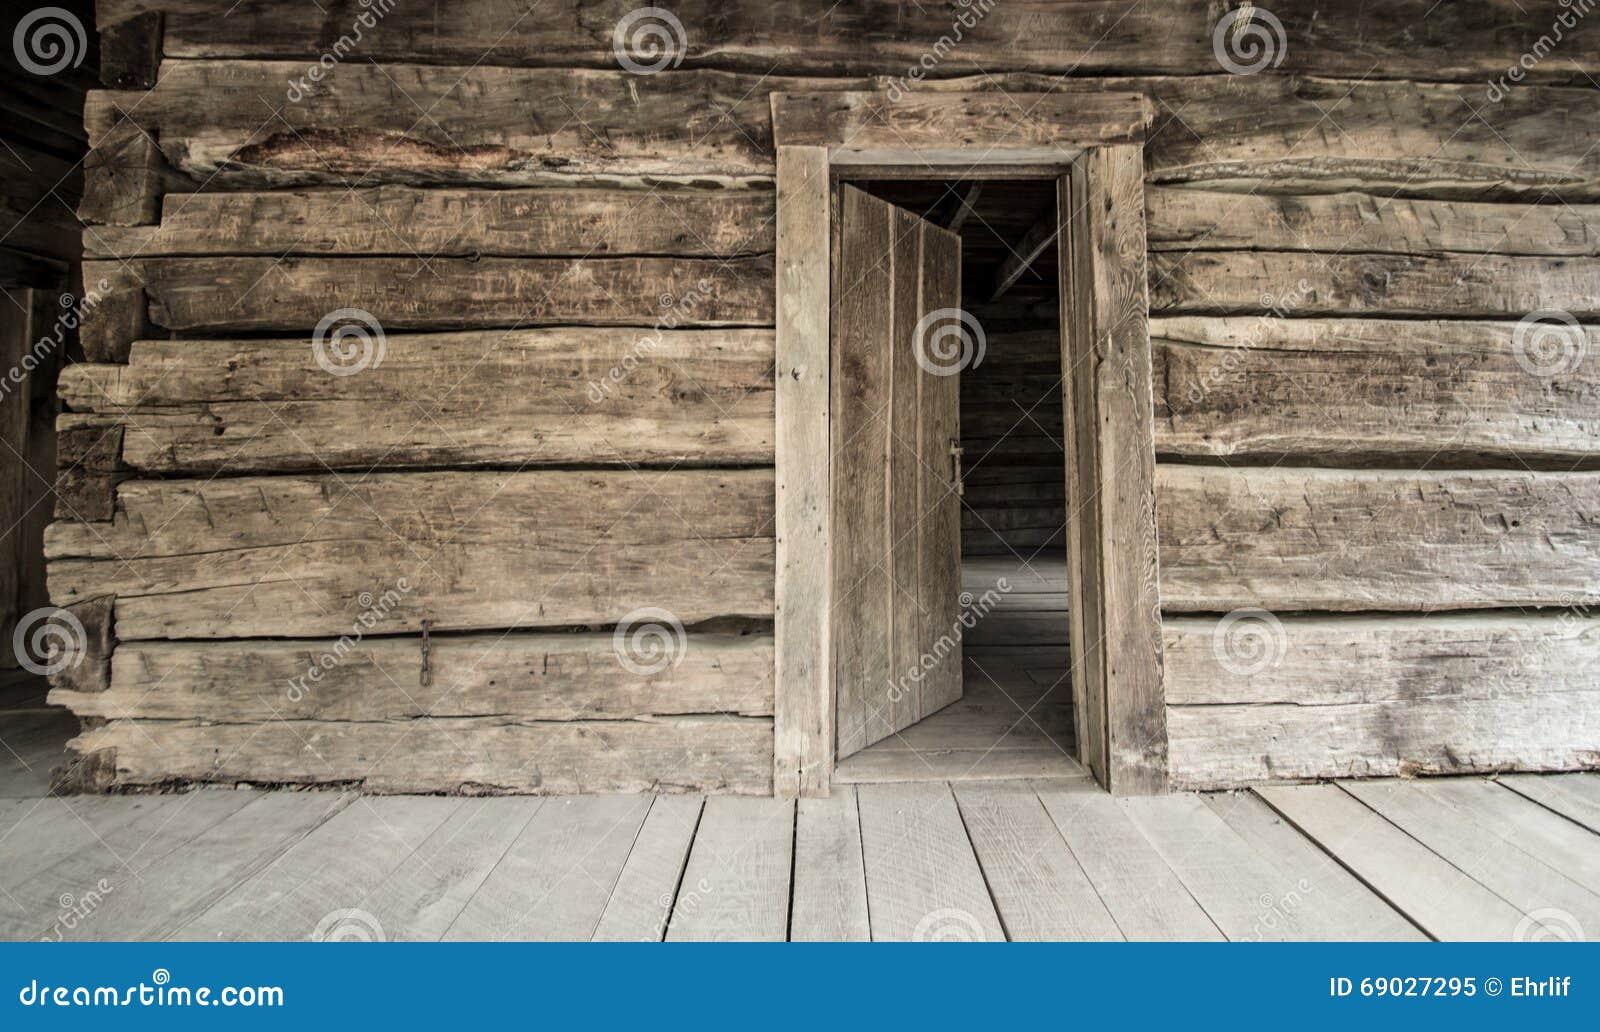 Carlingue de rondin historique avec Front Door ouvert